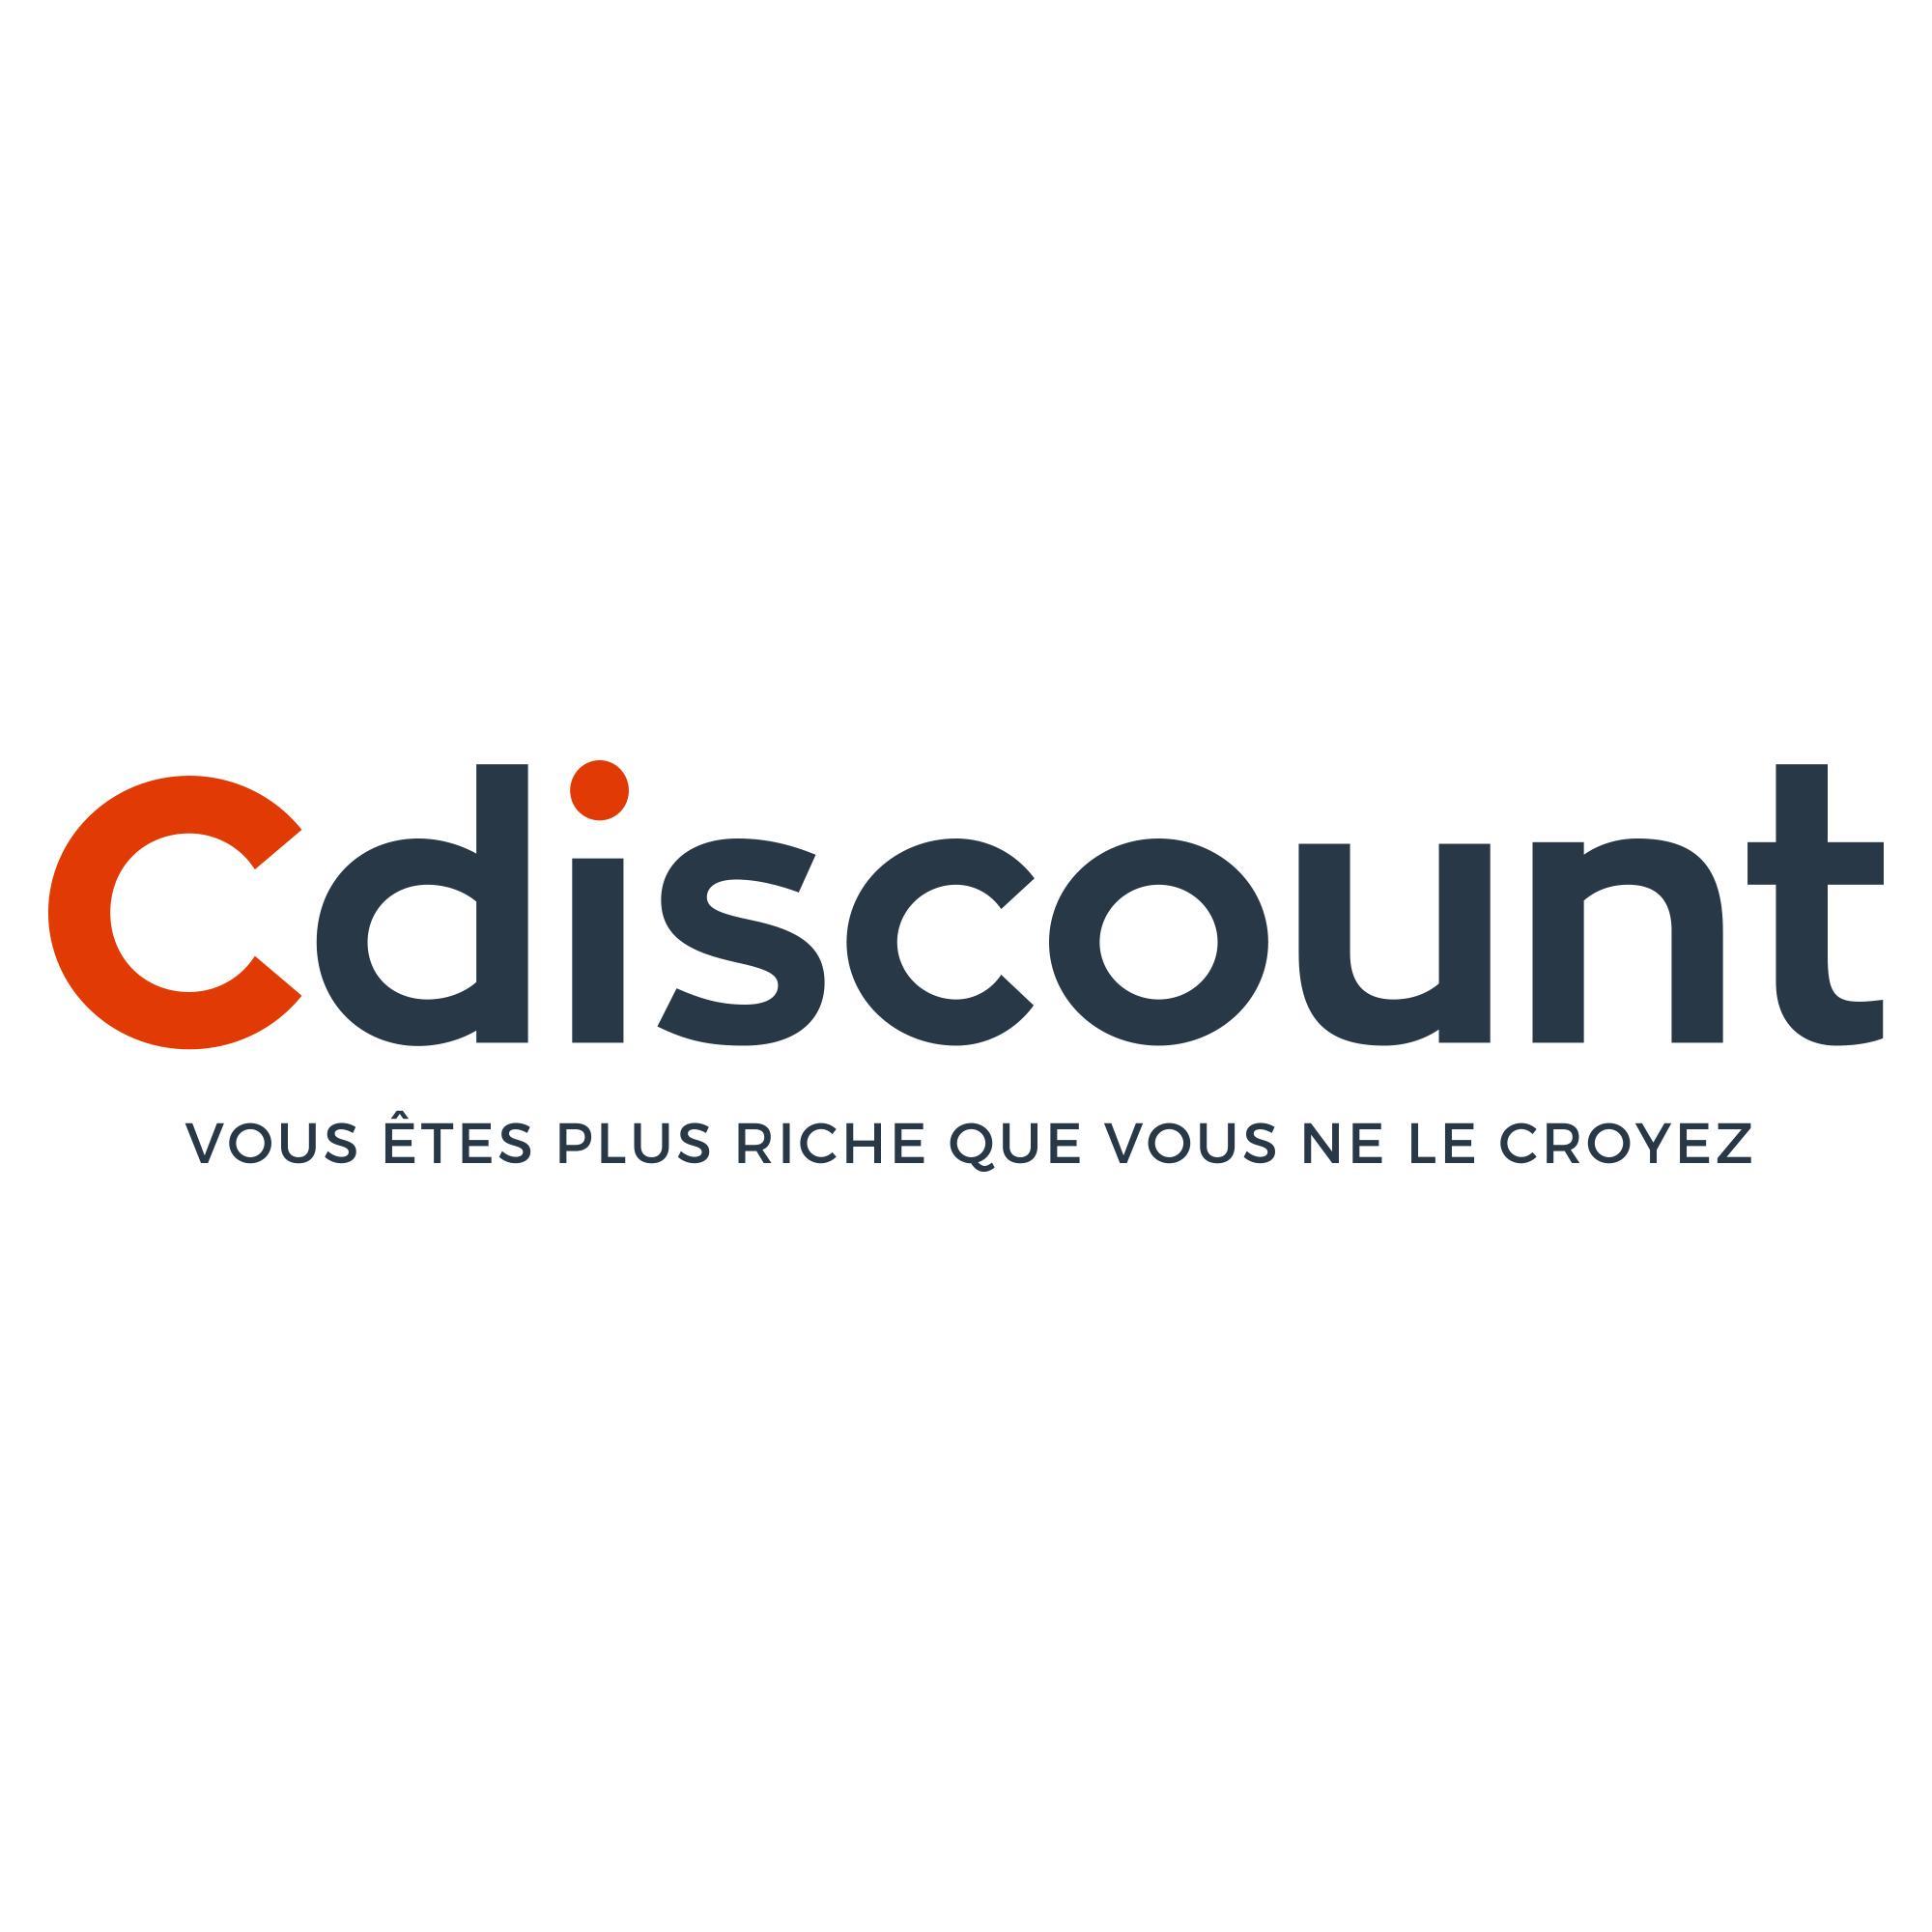 10€ de réduction dès 99€ d'achat, 25€ dès 249€ et 50€ dès 399€ d'achat sur tout le site (Hors exceptions)